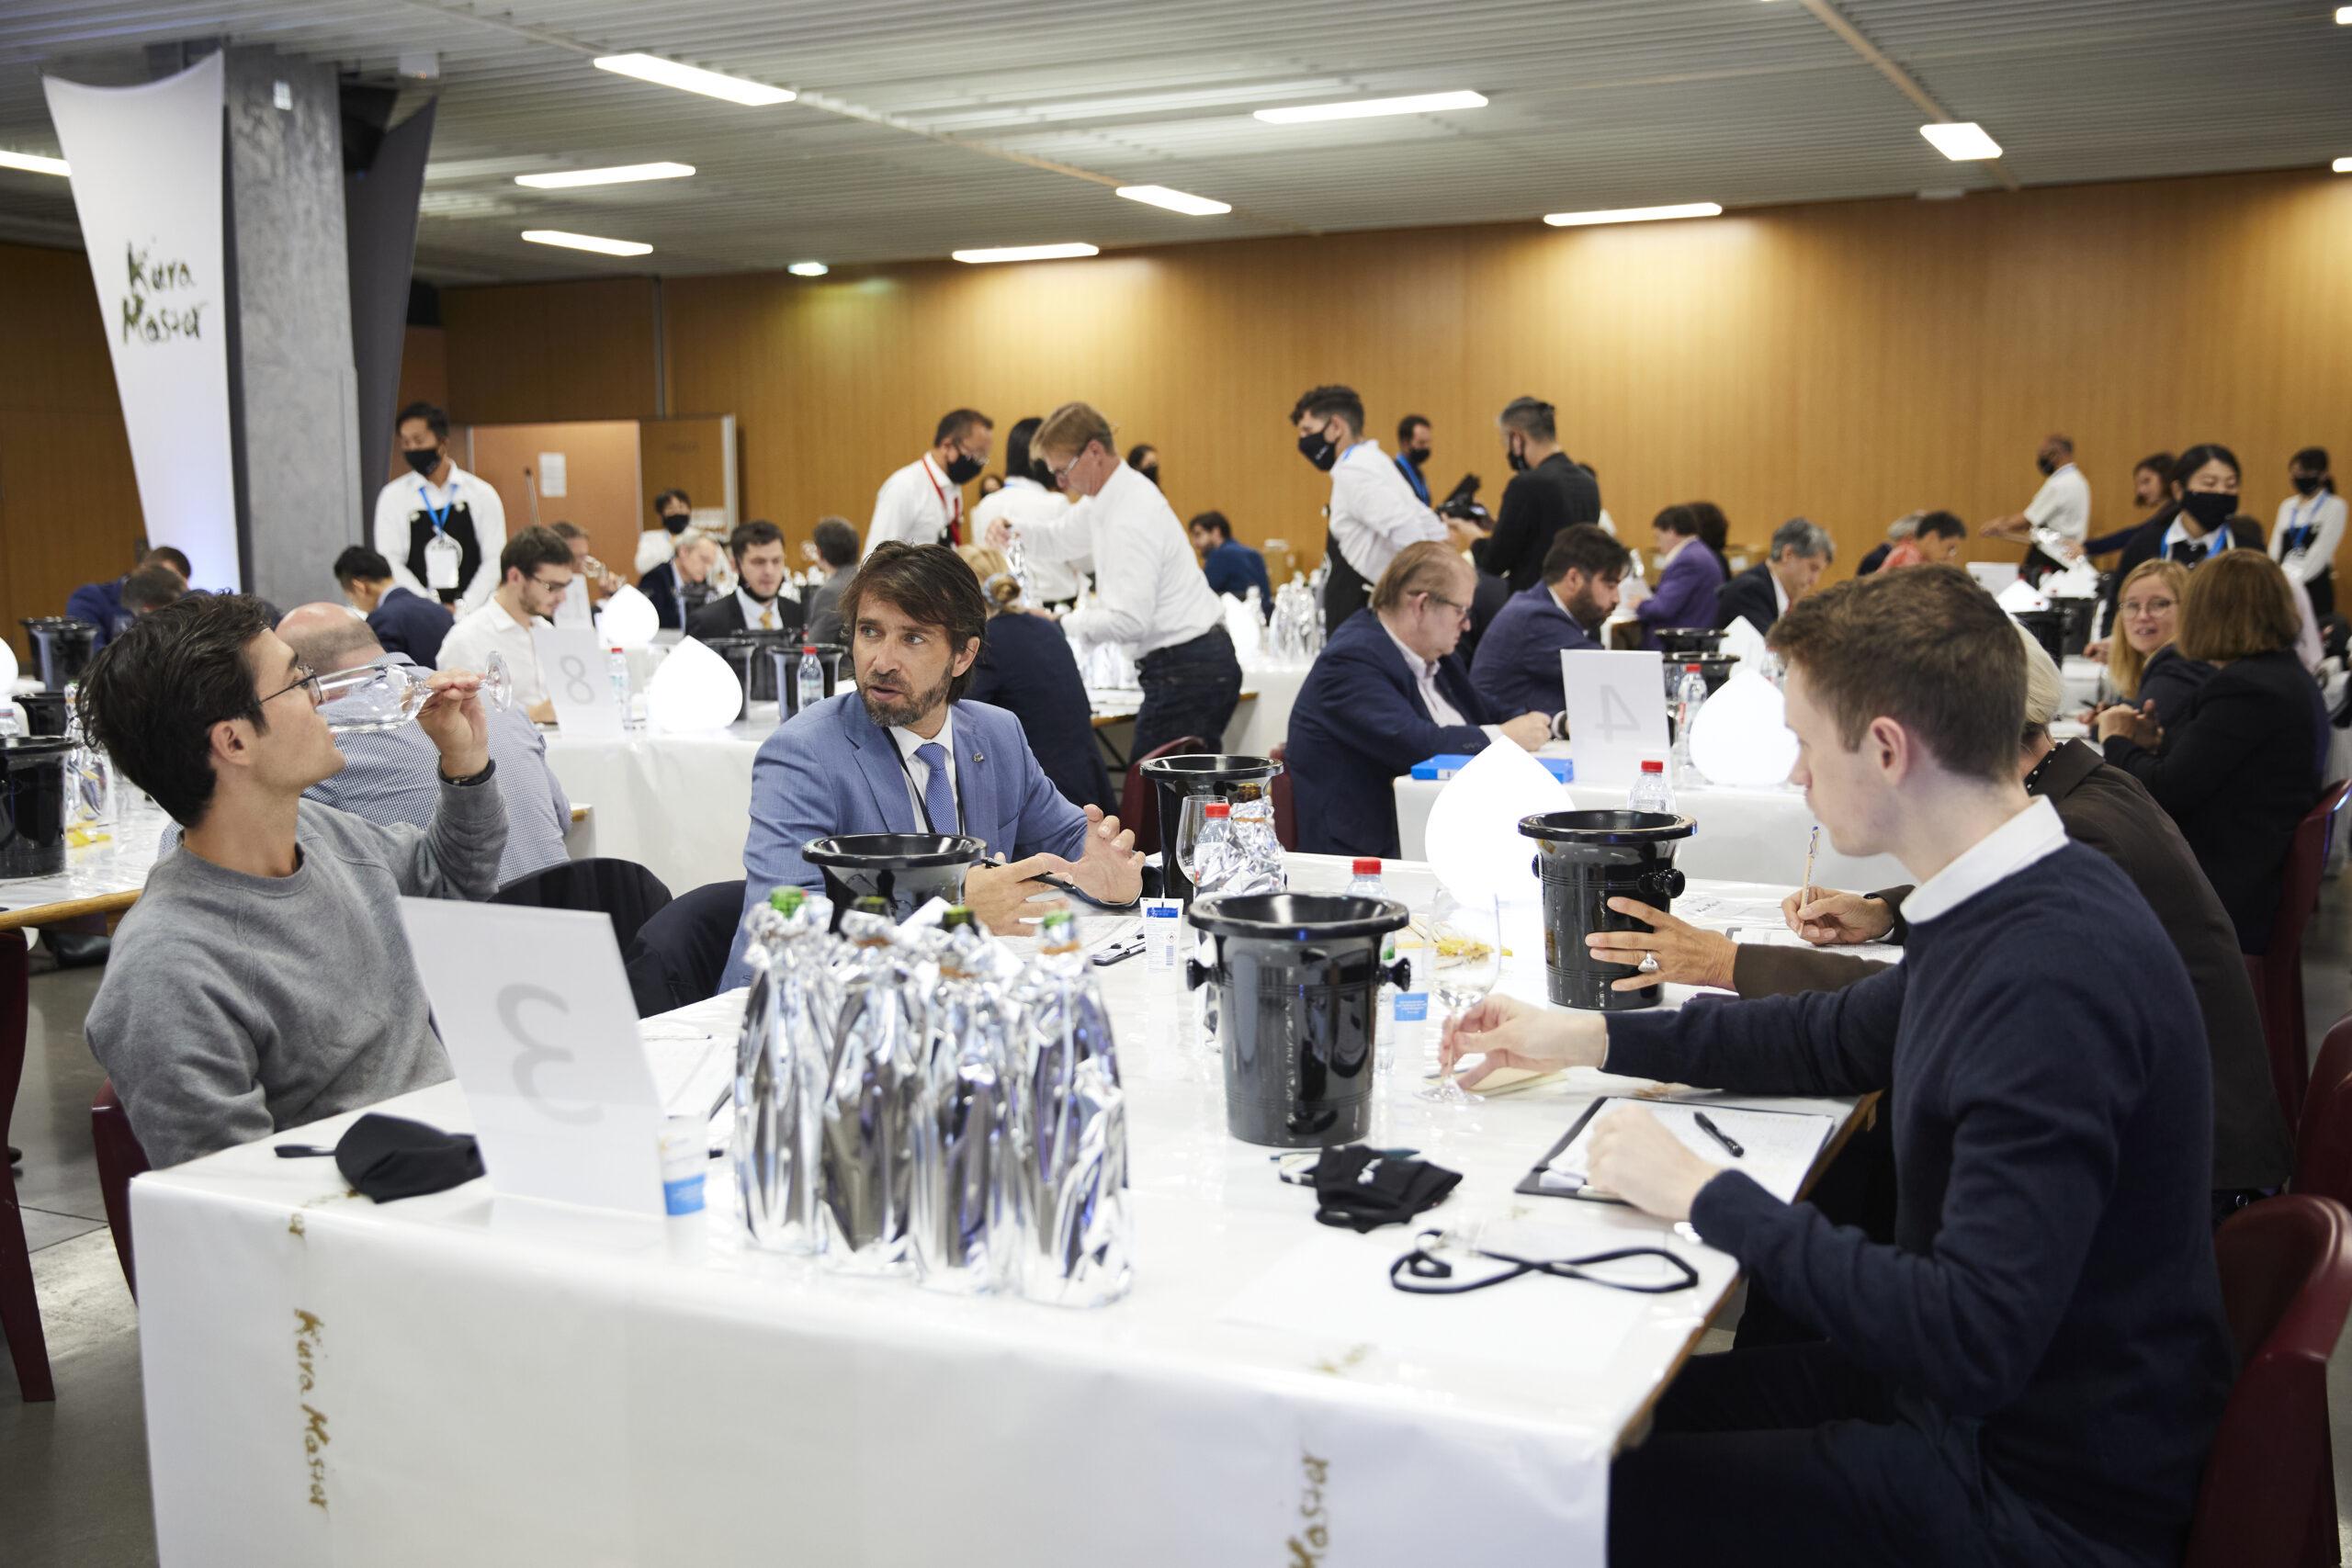 ザ・インタビュー「日本酒を世界に広めたい、宮川圭一郎の挑戦」